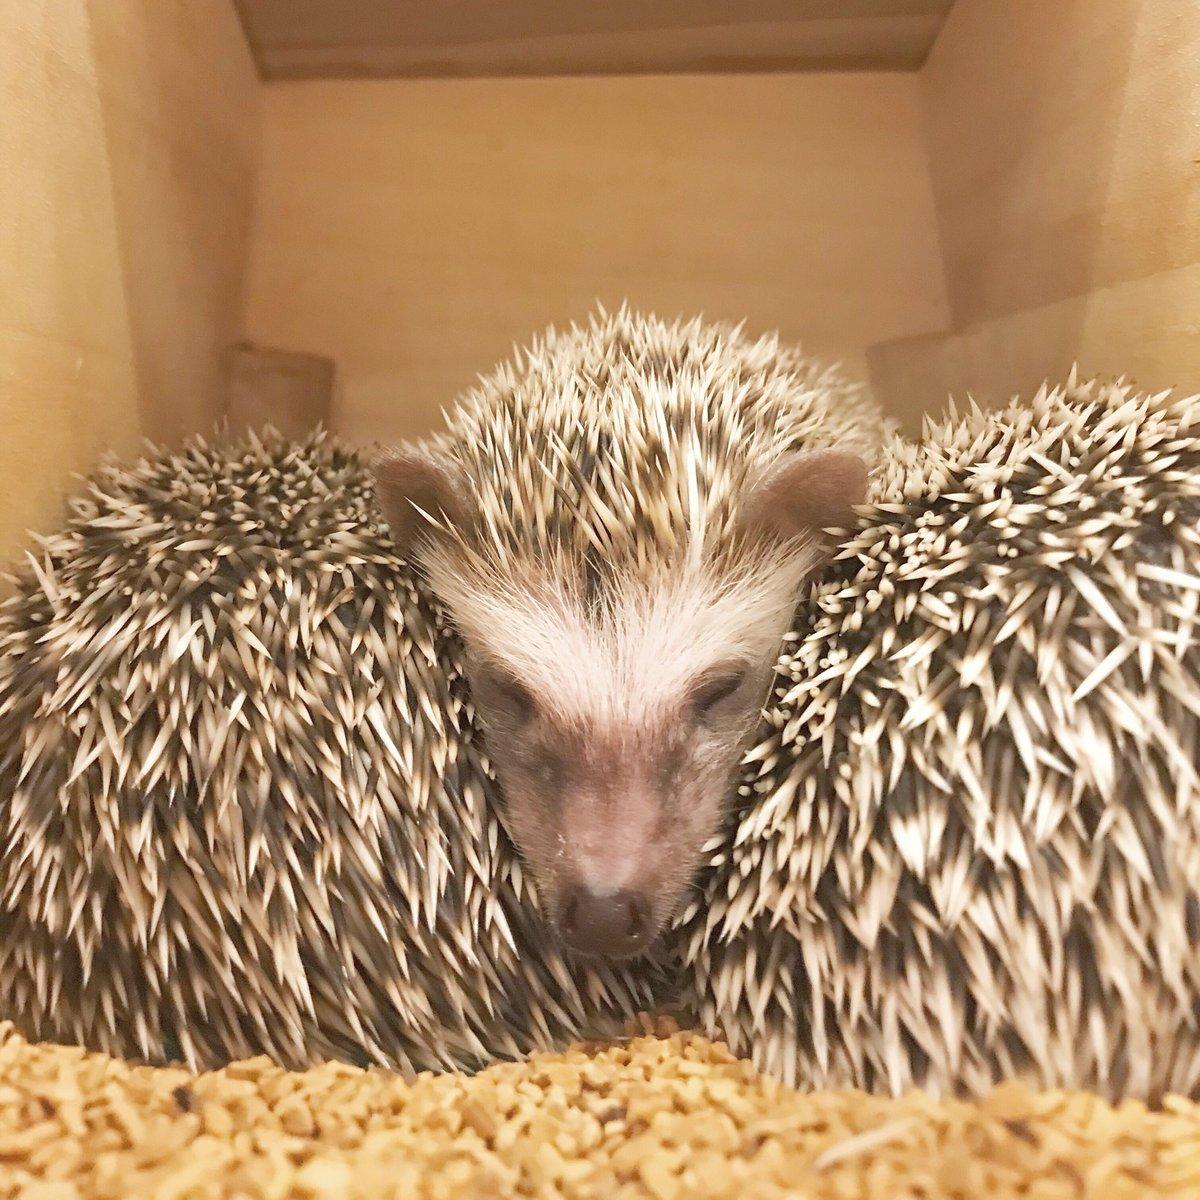 🍑😴🍑 上手くフィットして気持ち良さそうです🍁 [本日は定休日です] #ハリネズミ #hedgehog #hedgehogcafe #エキゾチックアニマル #六本木 #動物カフェ #六本木カフェ https://t.co/sWJRT17c6r